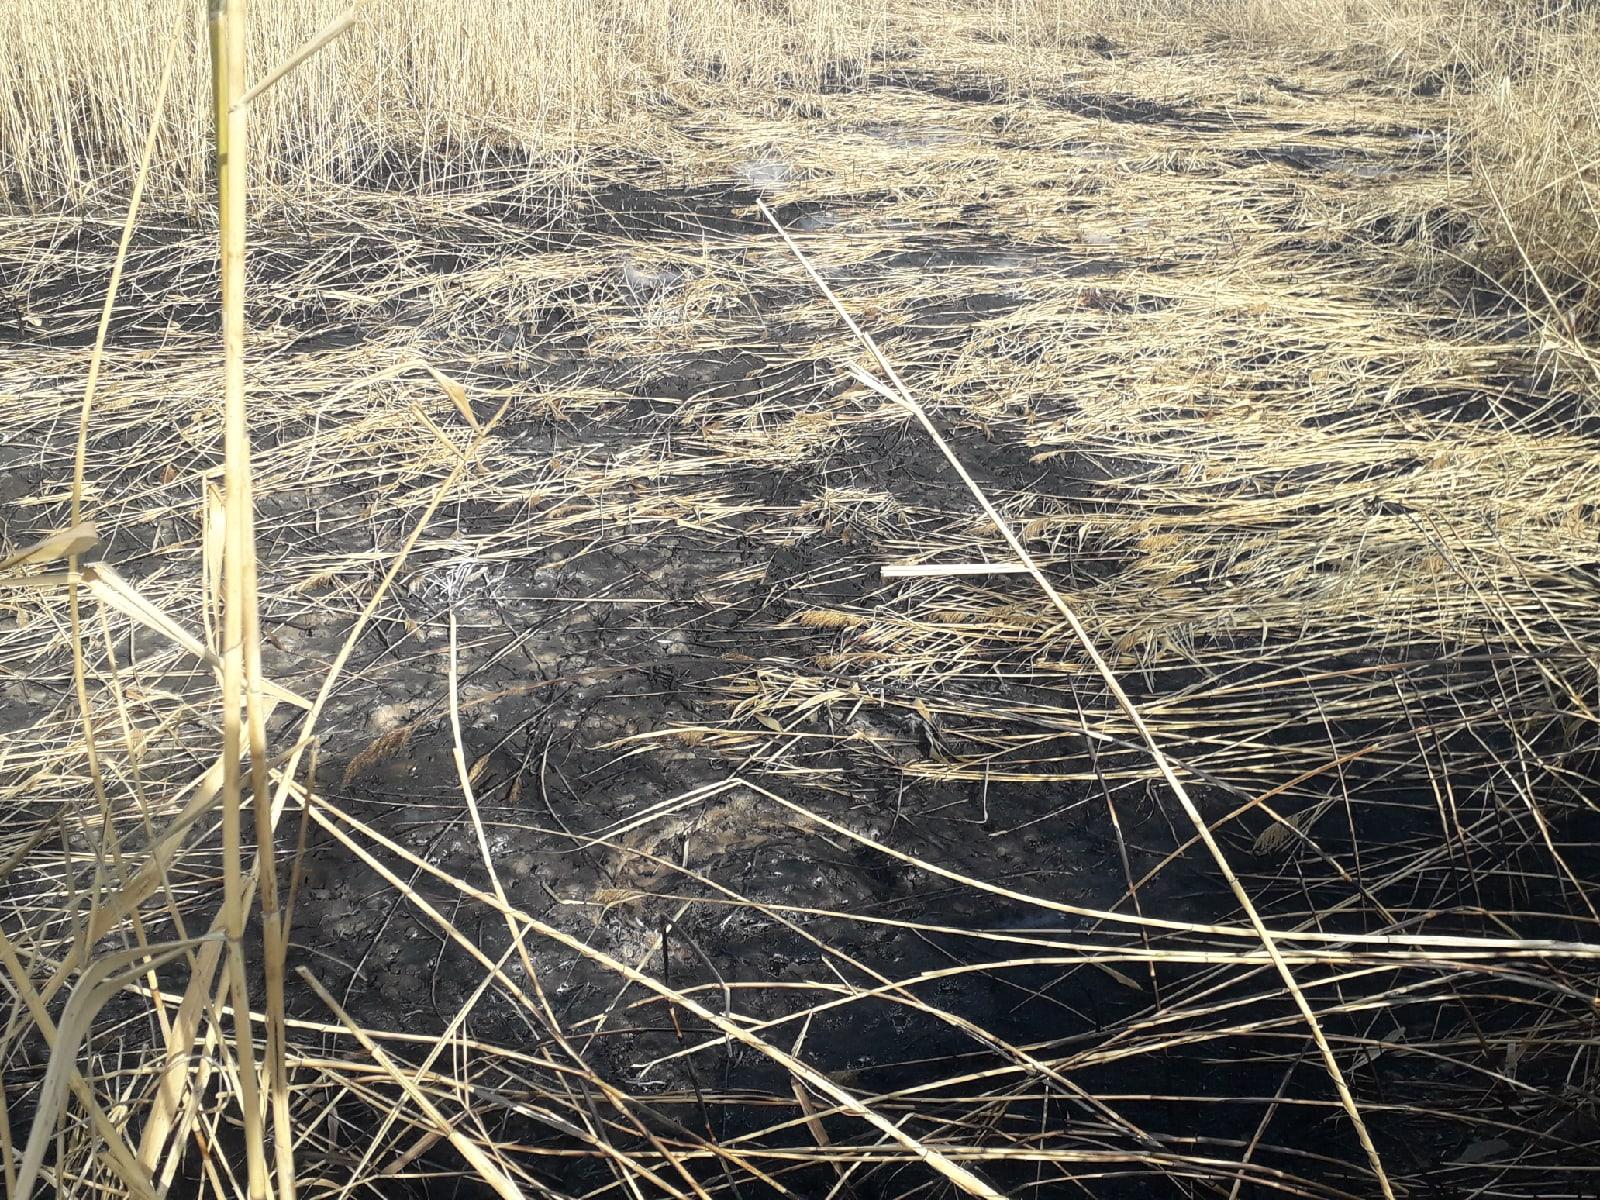 Под Горловкой нашли дыру в земле, из которой пробивается дым и неприятный запах